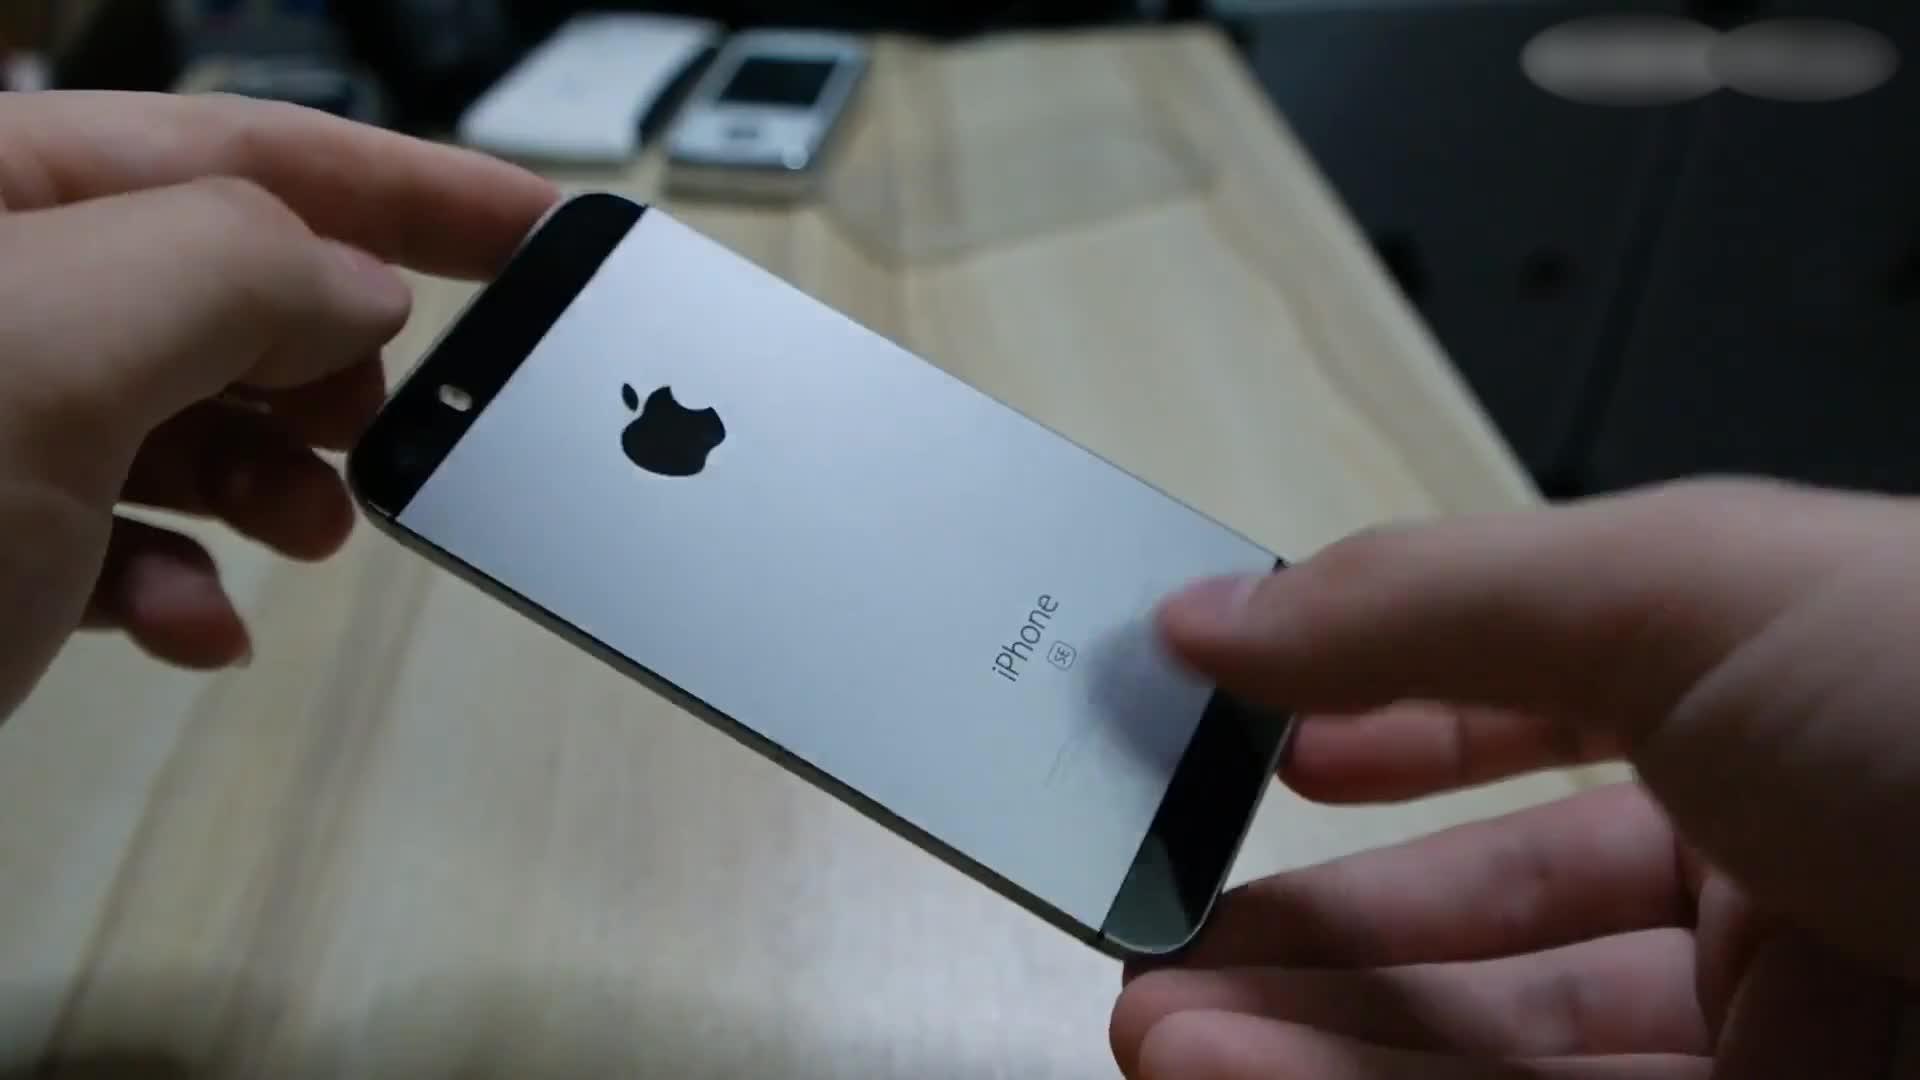 4寸屏幕的iPhone游戏测试 吃鸡高帧率无压力 A9处理器很不错